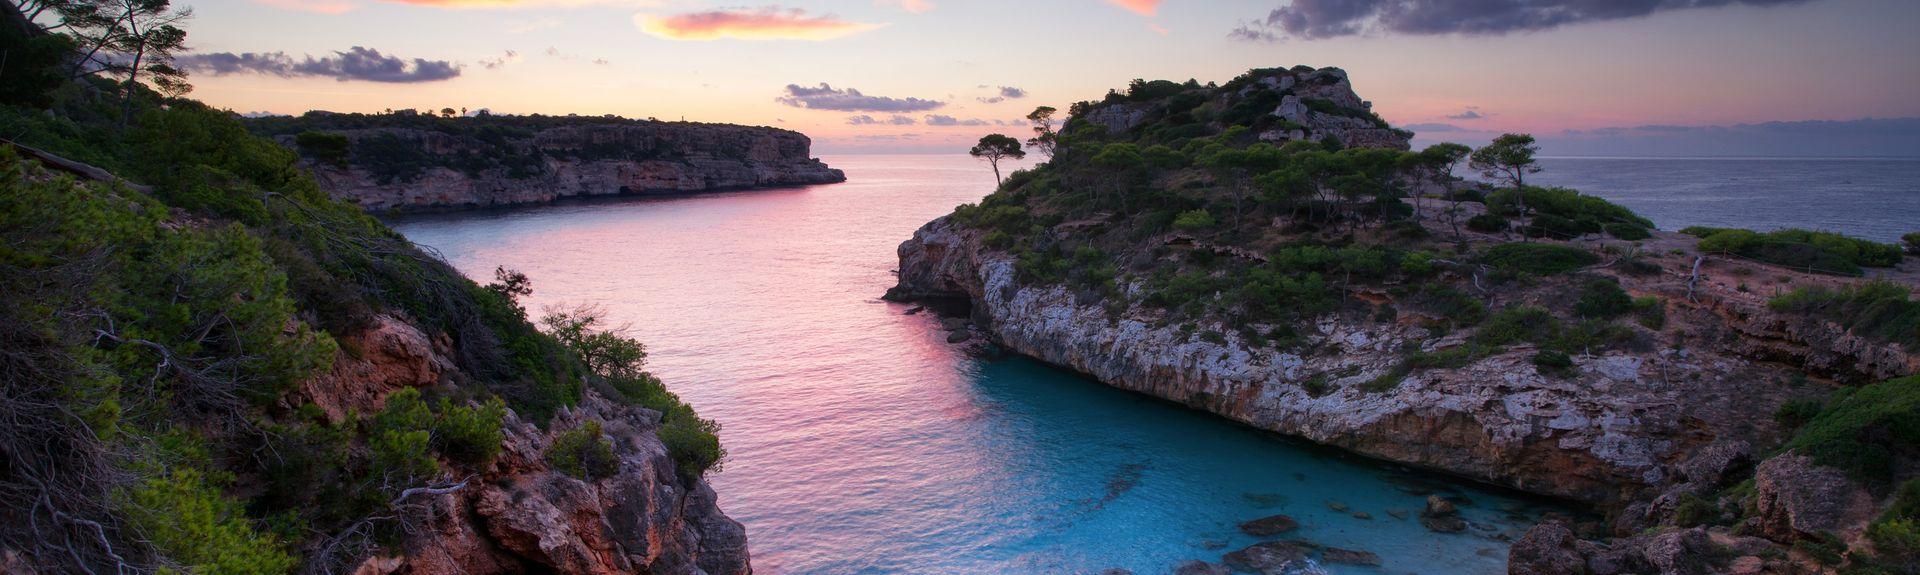 Santañy, Balearerna, Spanien